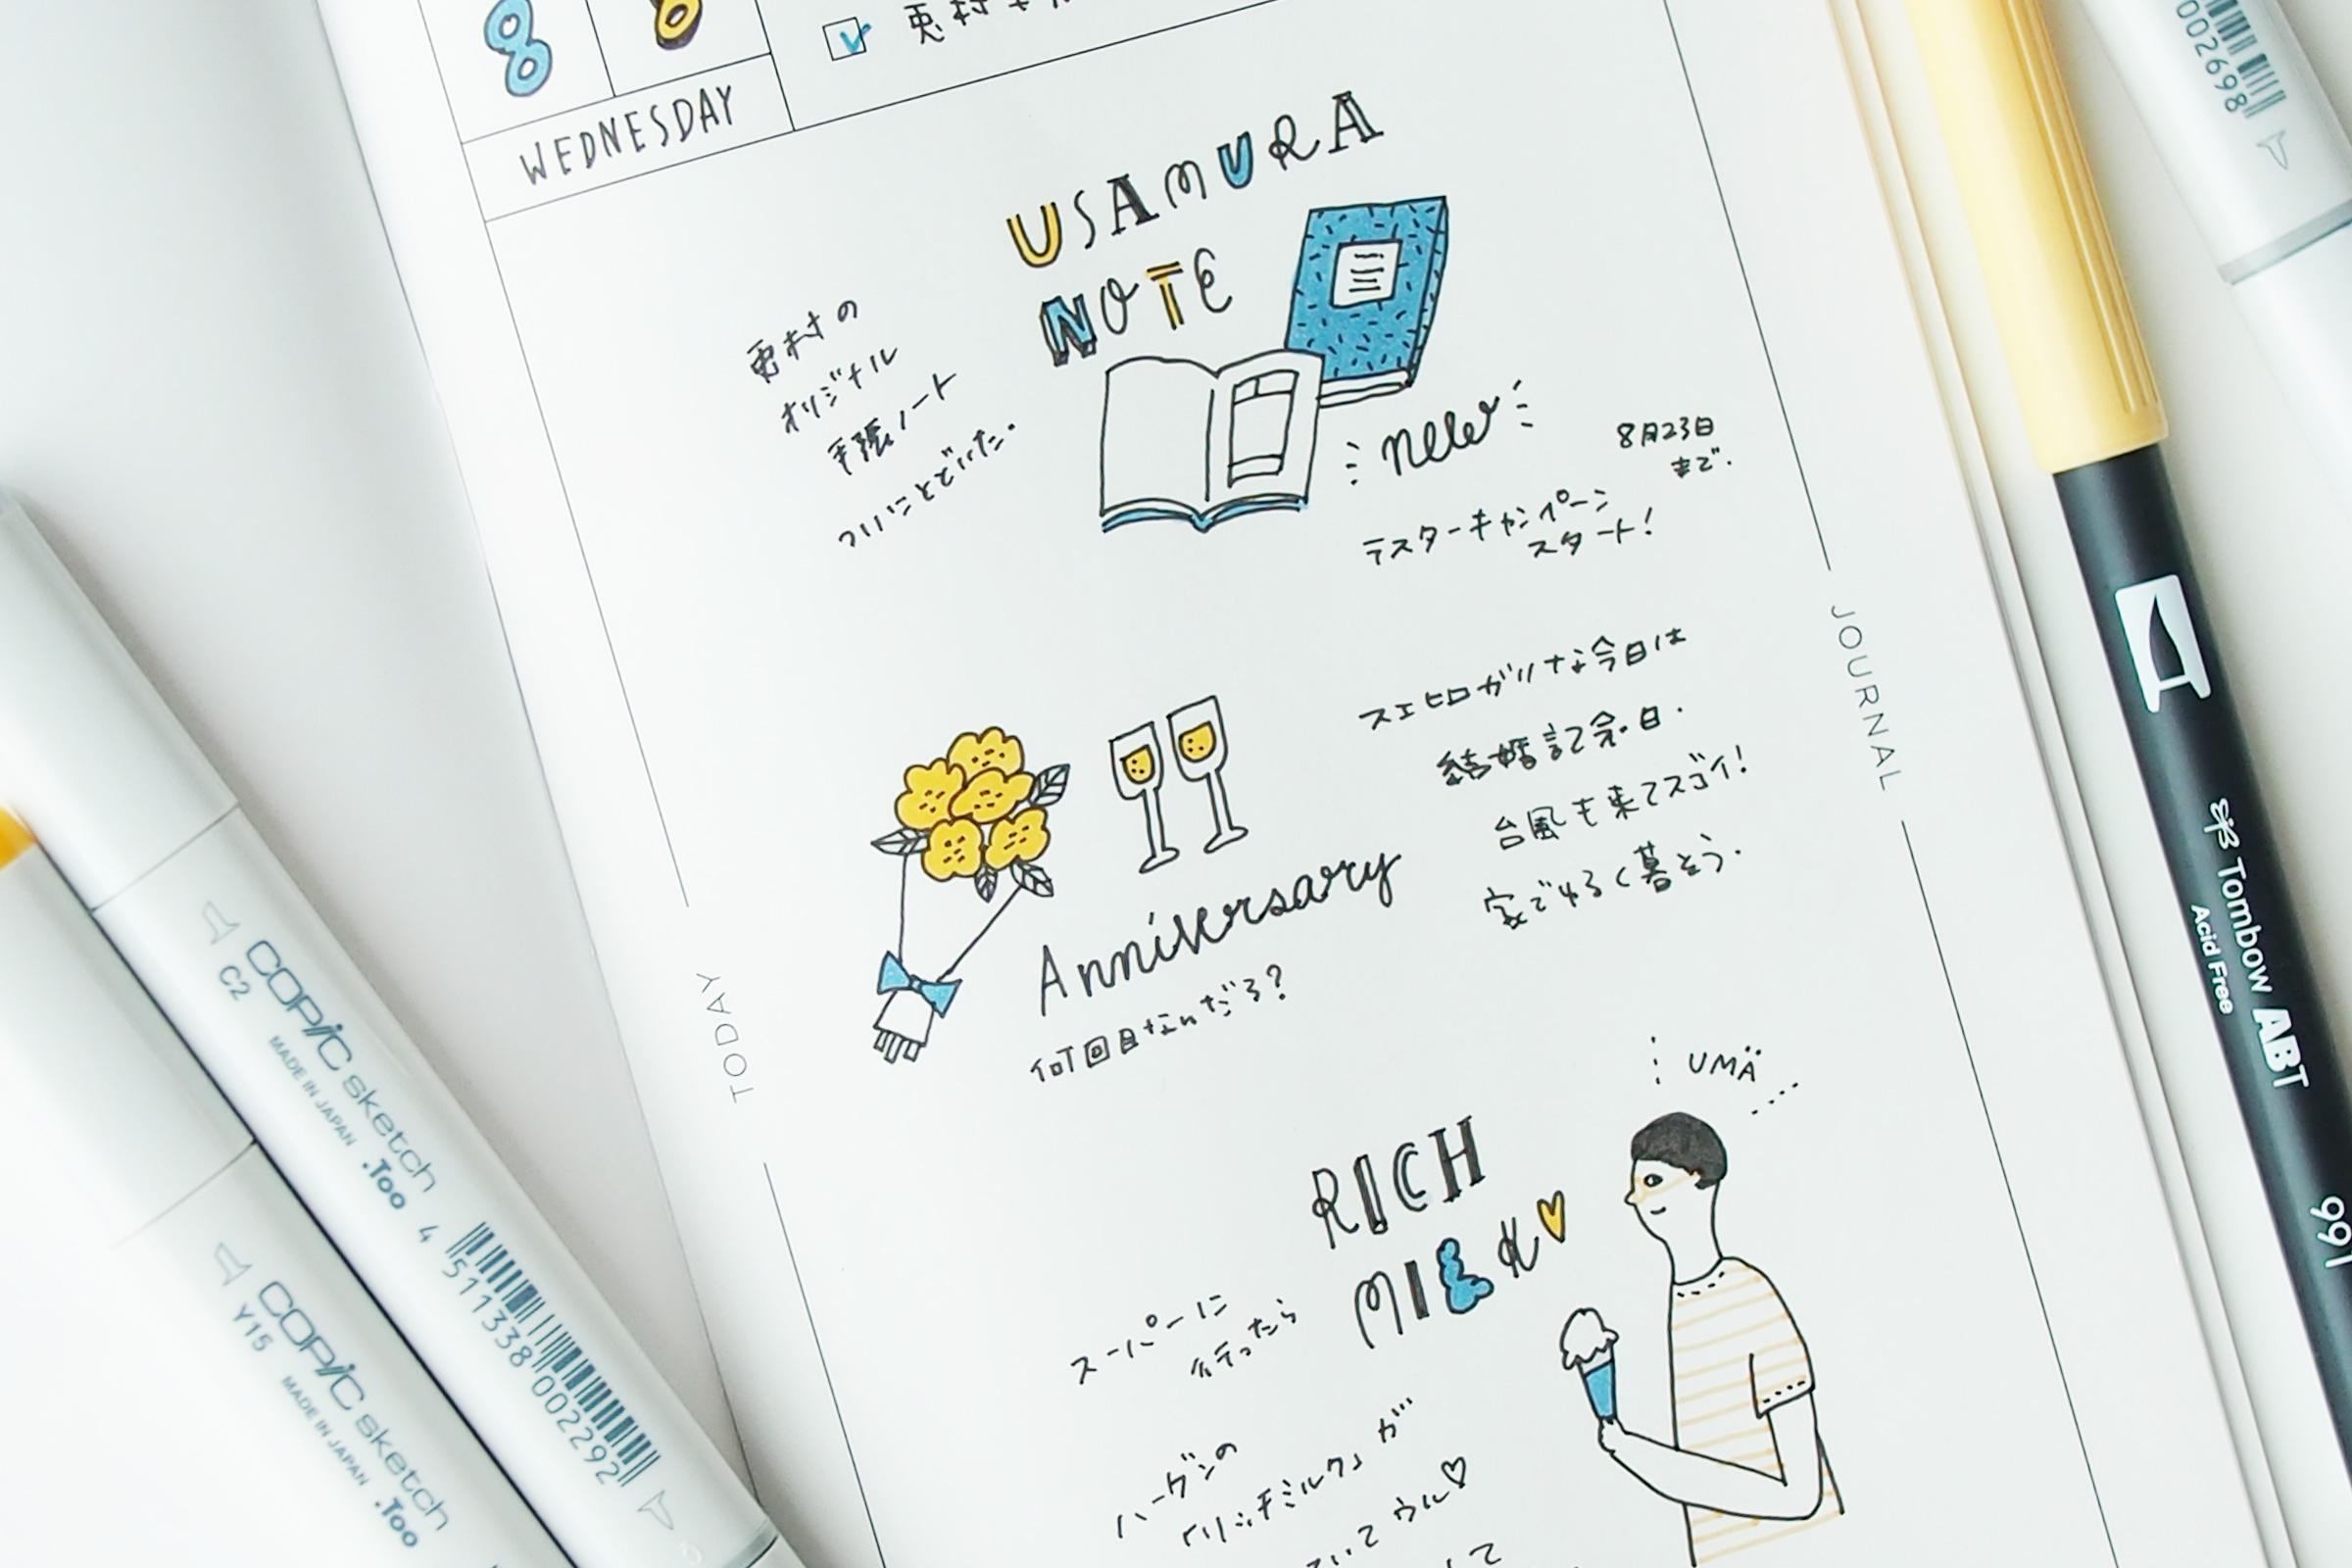 兎村手帳で日々のイラスト日記 Ayano Usamura兎村彩野